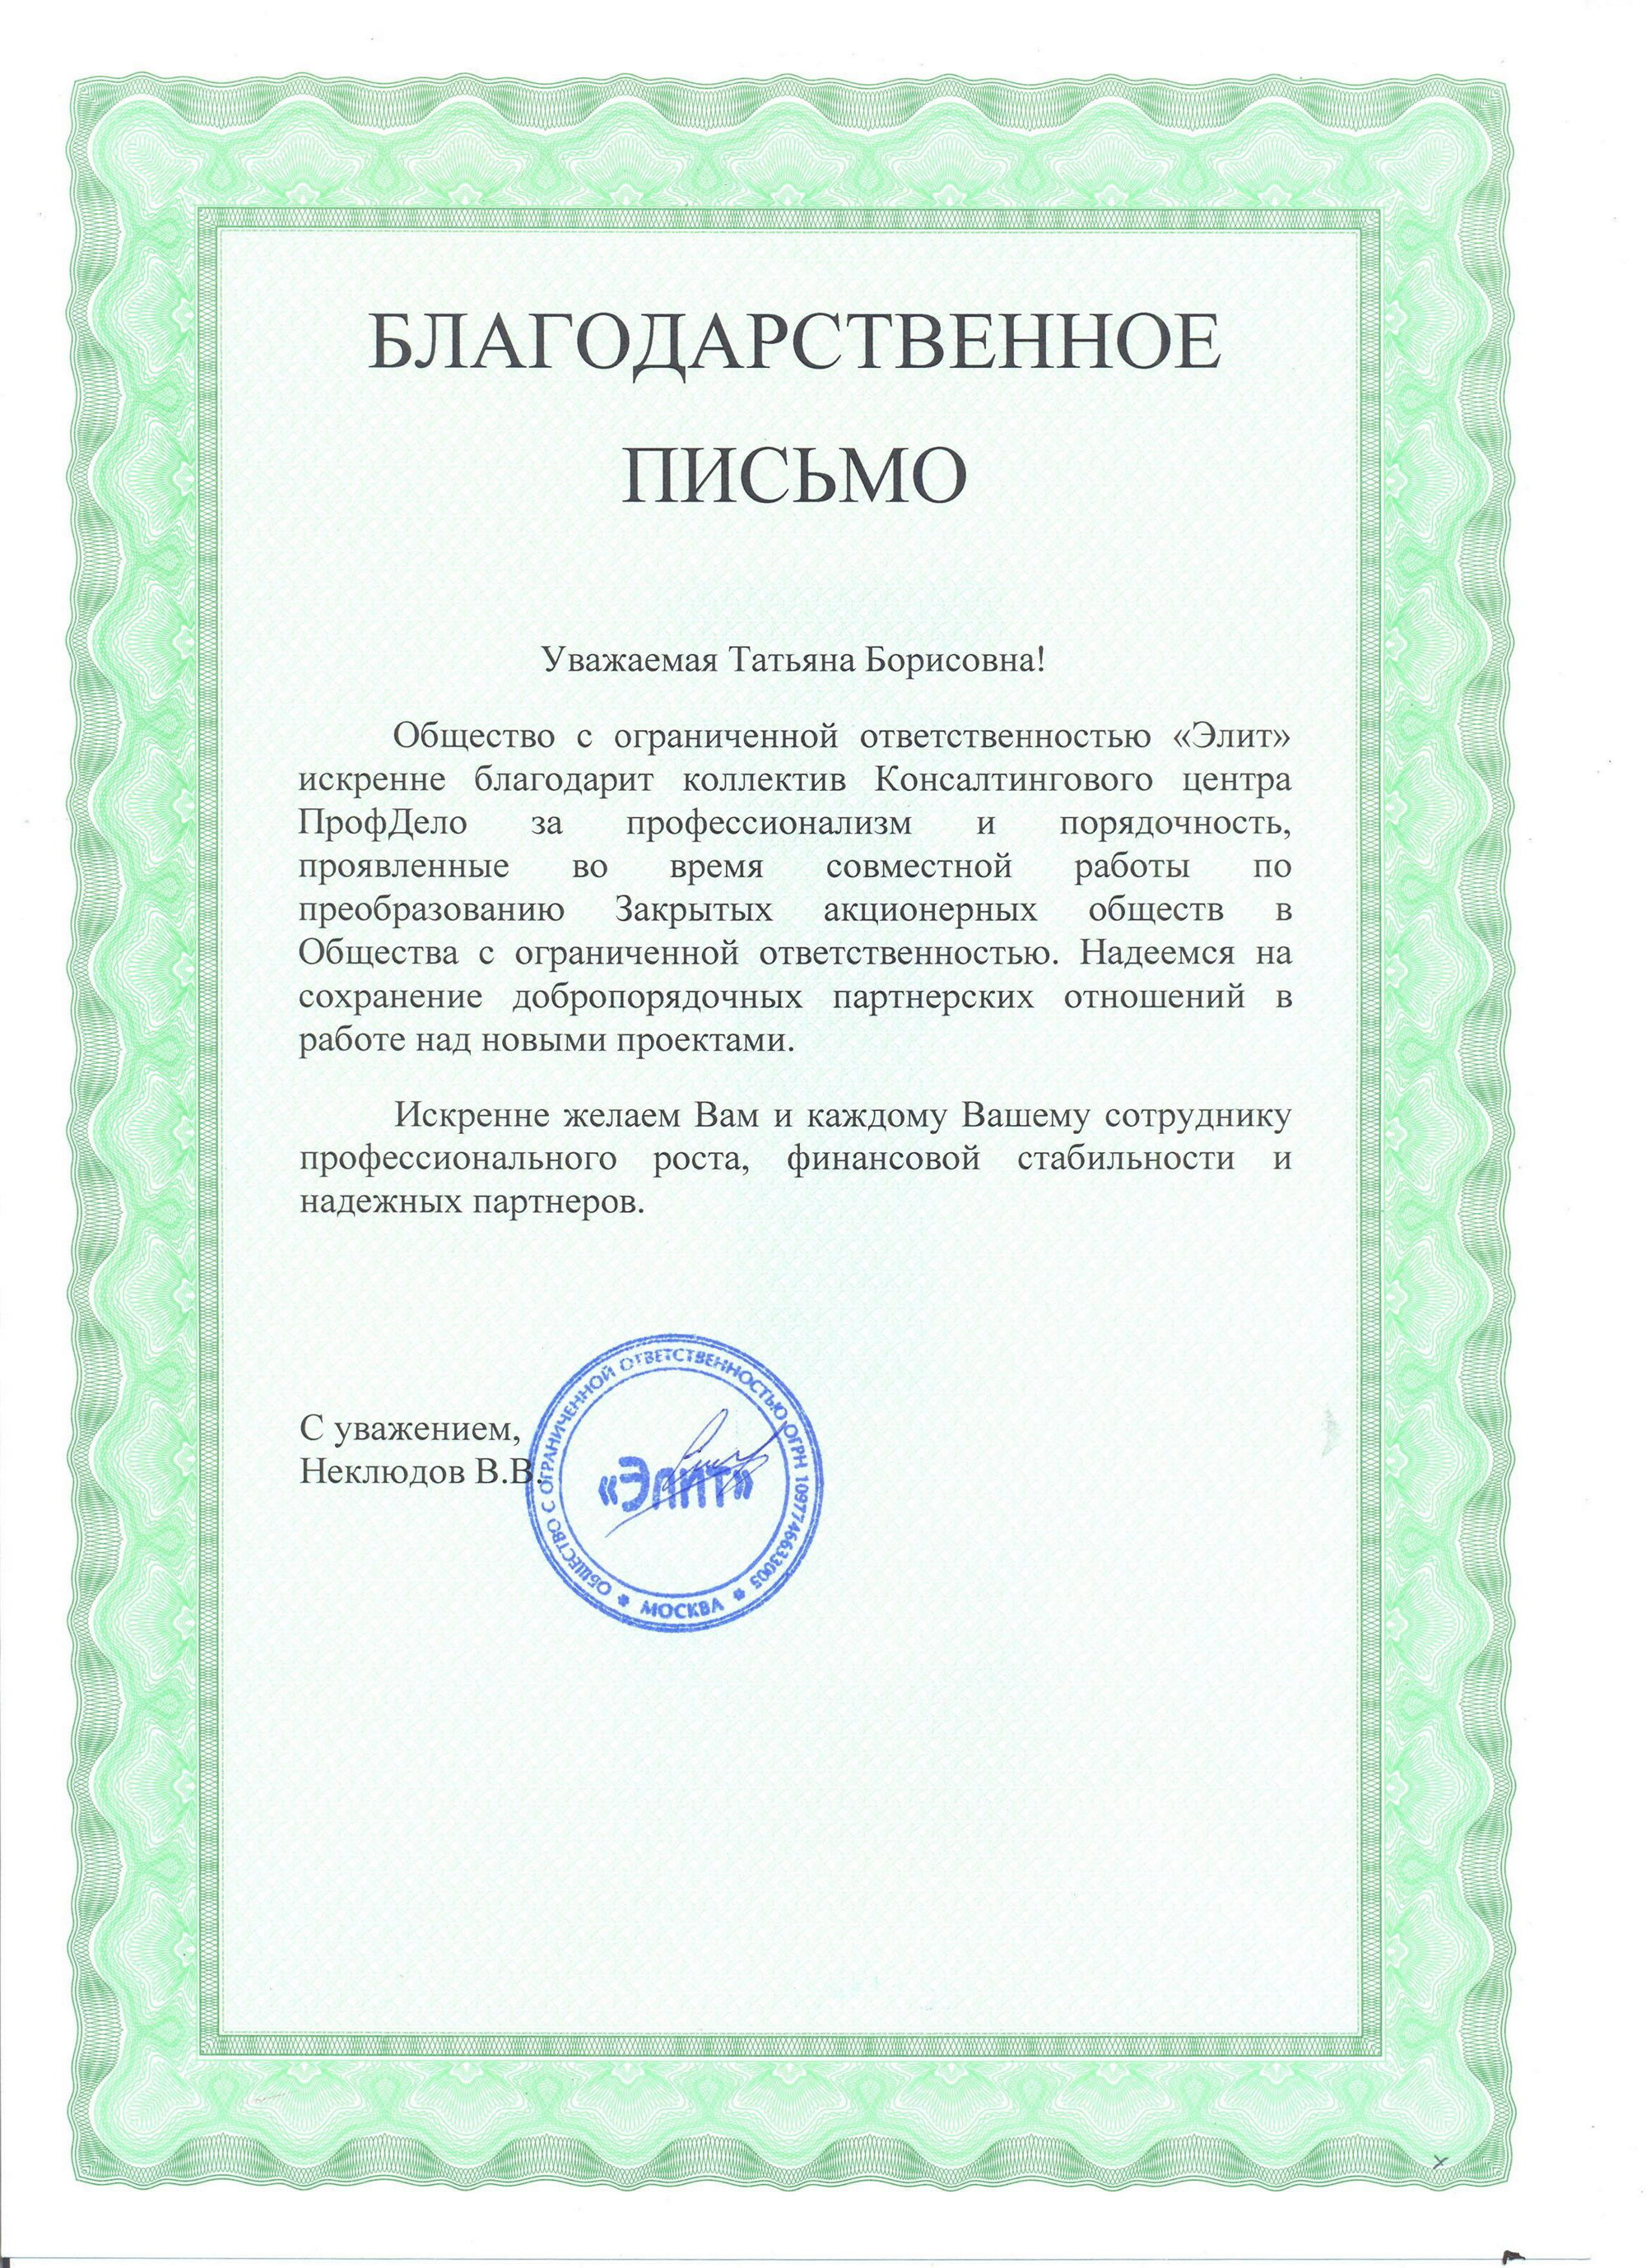 Преобразование в ооо без регистрации выпуска акций декларация 2 ндфл пример заполнения